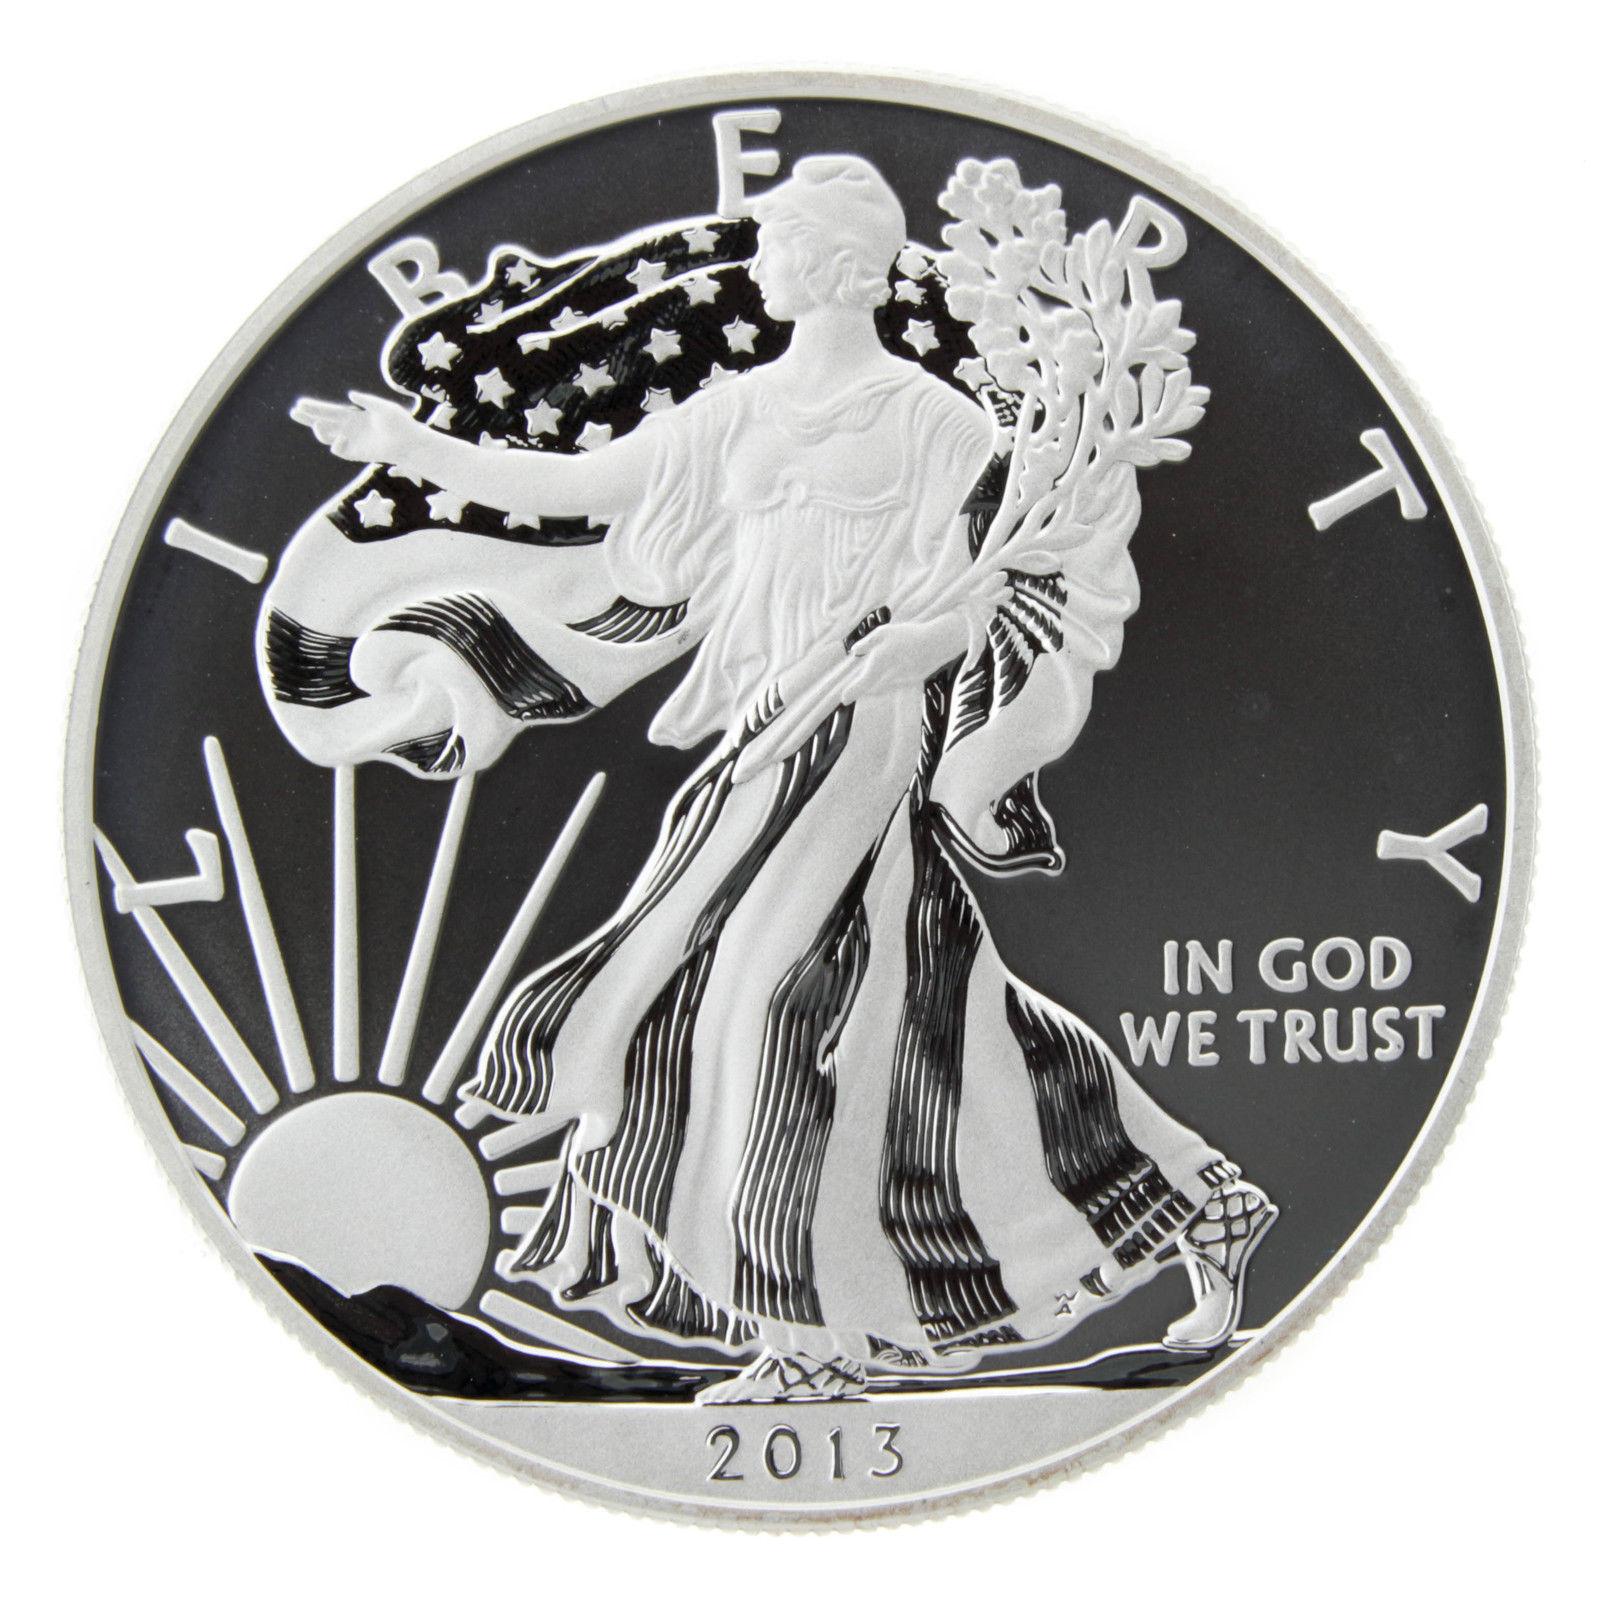 Commercial Rare Coins | South Florida Coin Dealer Since 1977